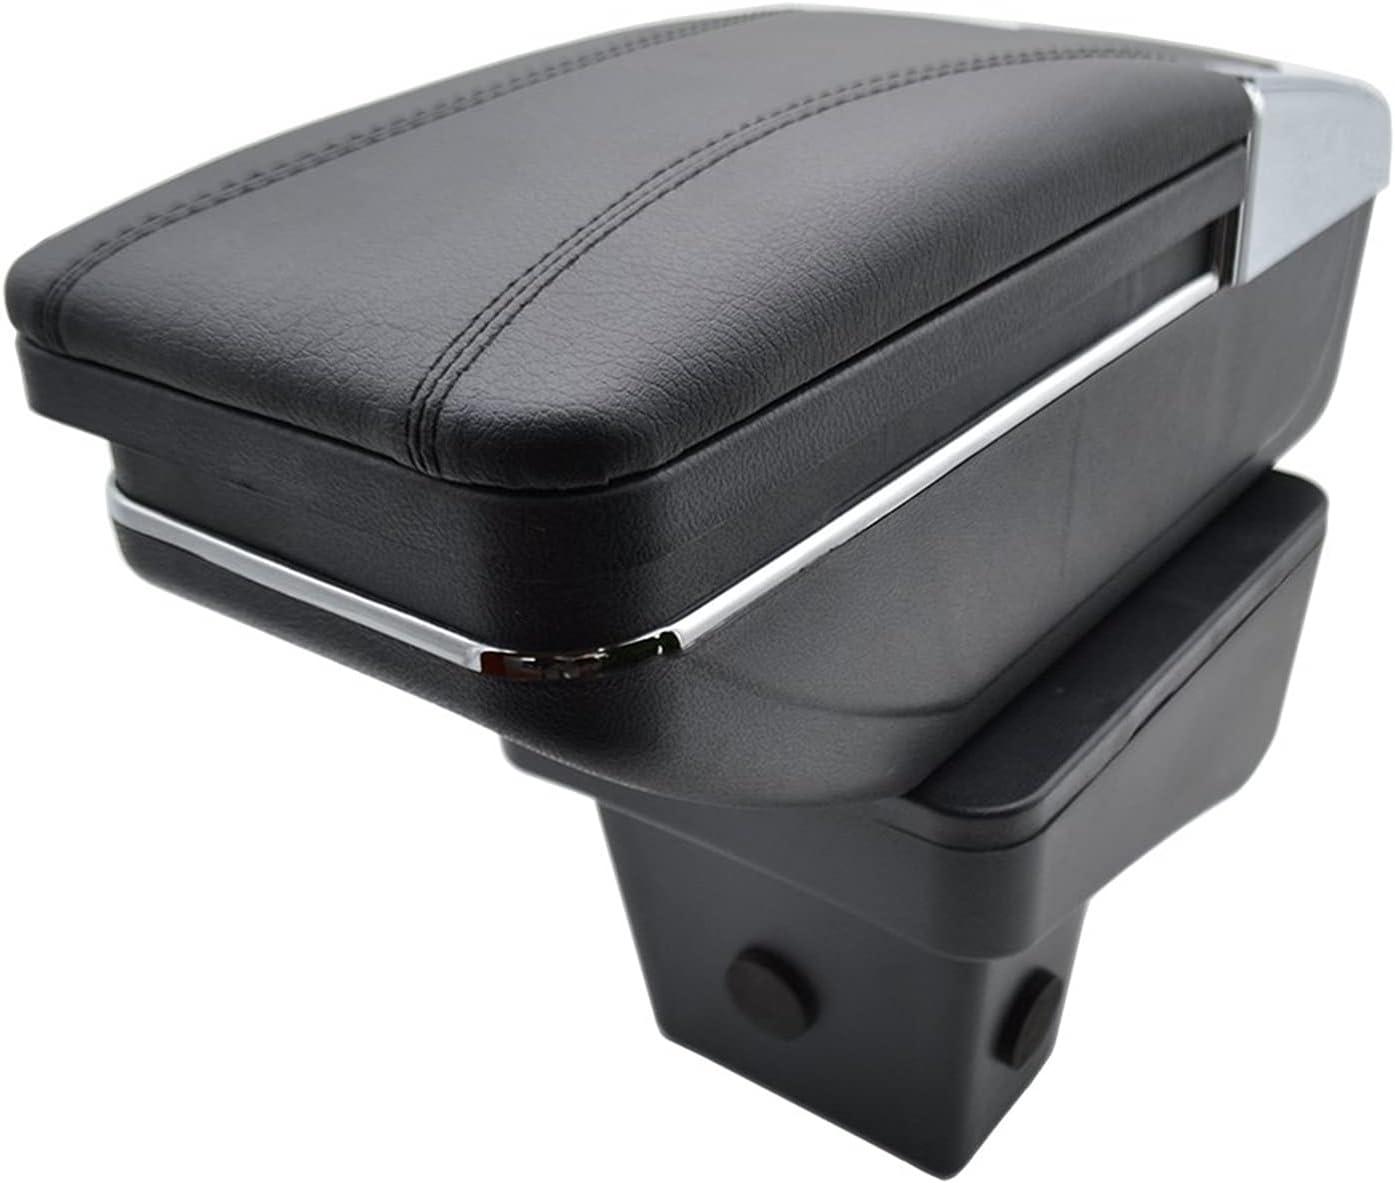 Storage Box for Suzuki Cash special price Vitara 2015 2019 Rest 2016 2018 Now on sale 2017 Arm